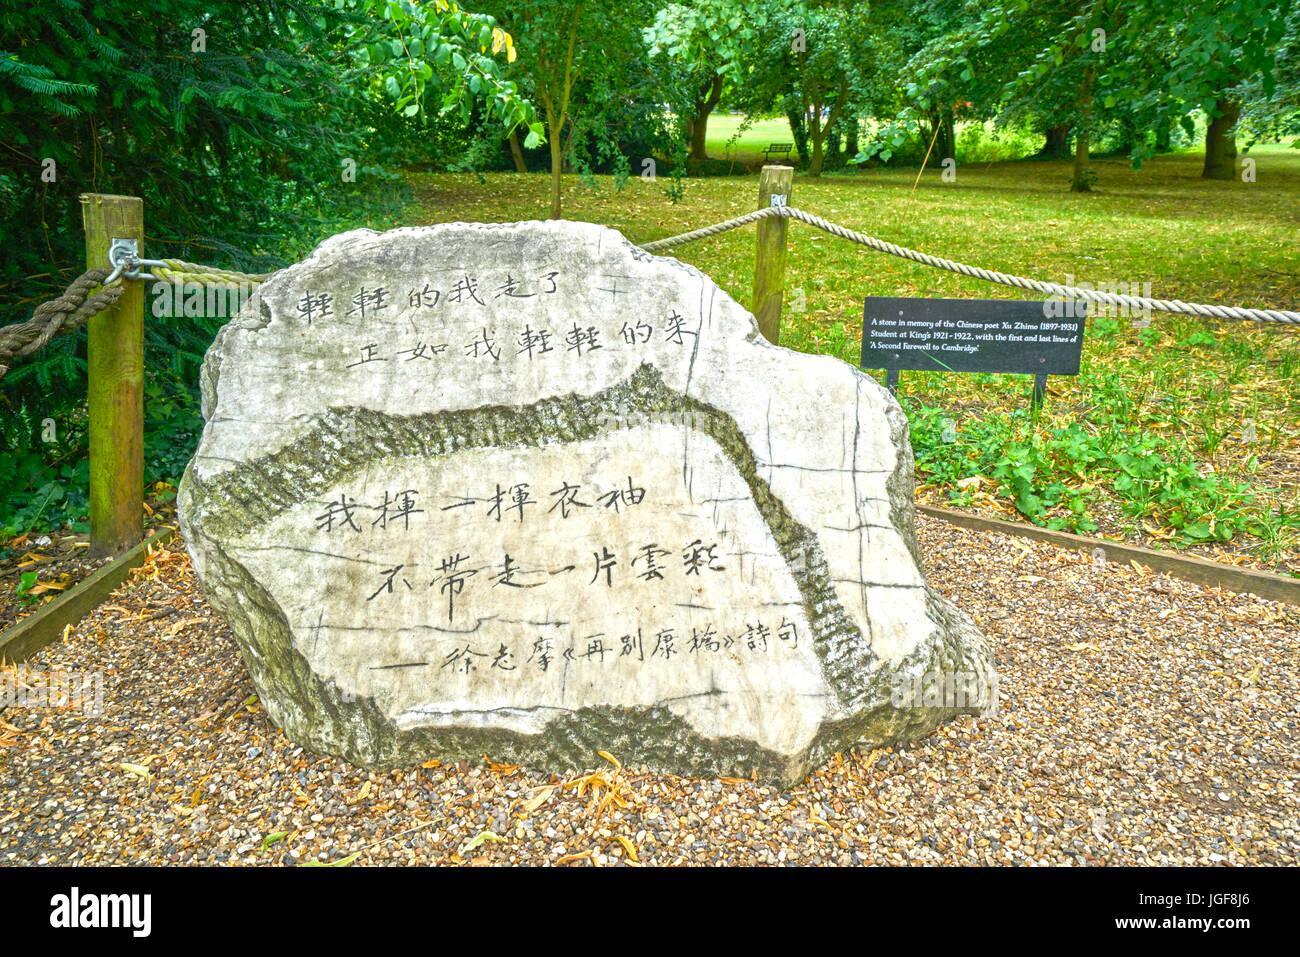 Cambridge Poem Stone Stock Photos & Cambridge Poem Stone